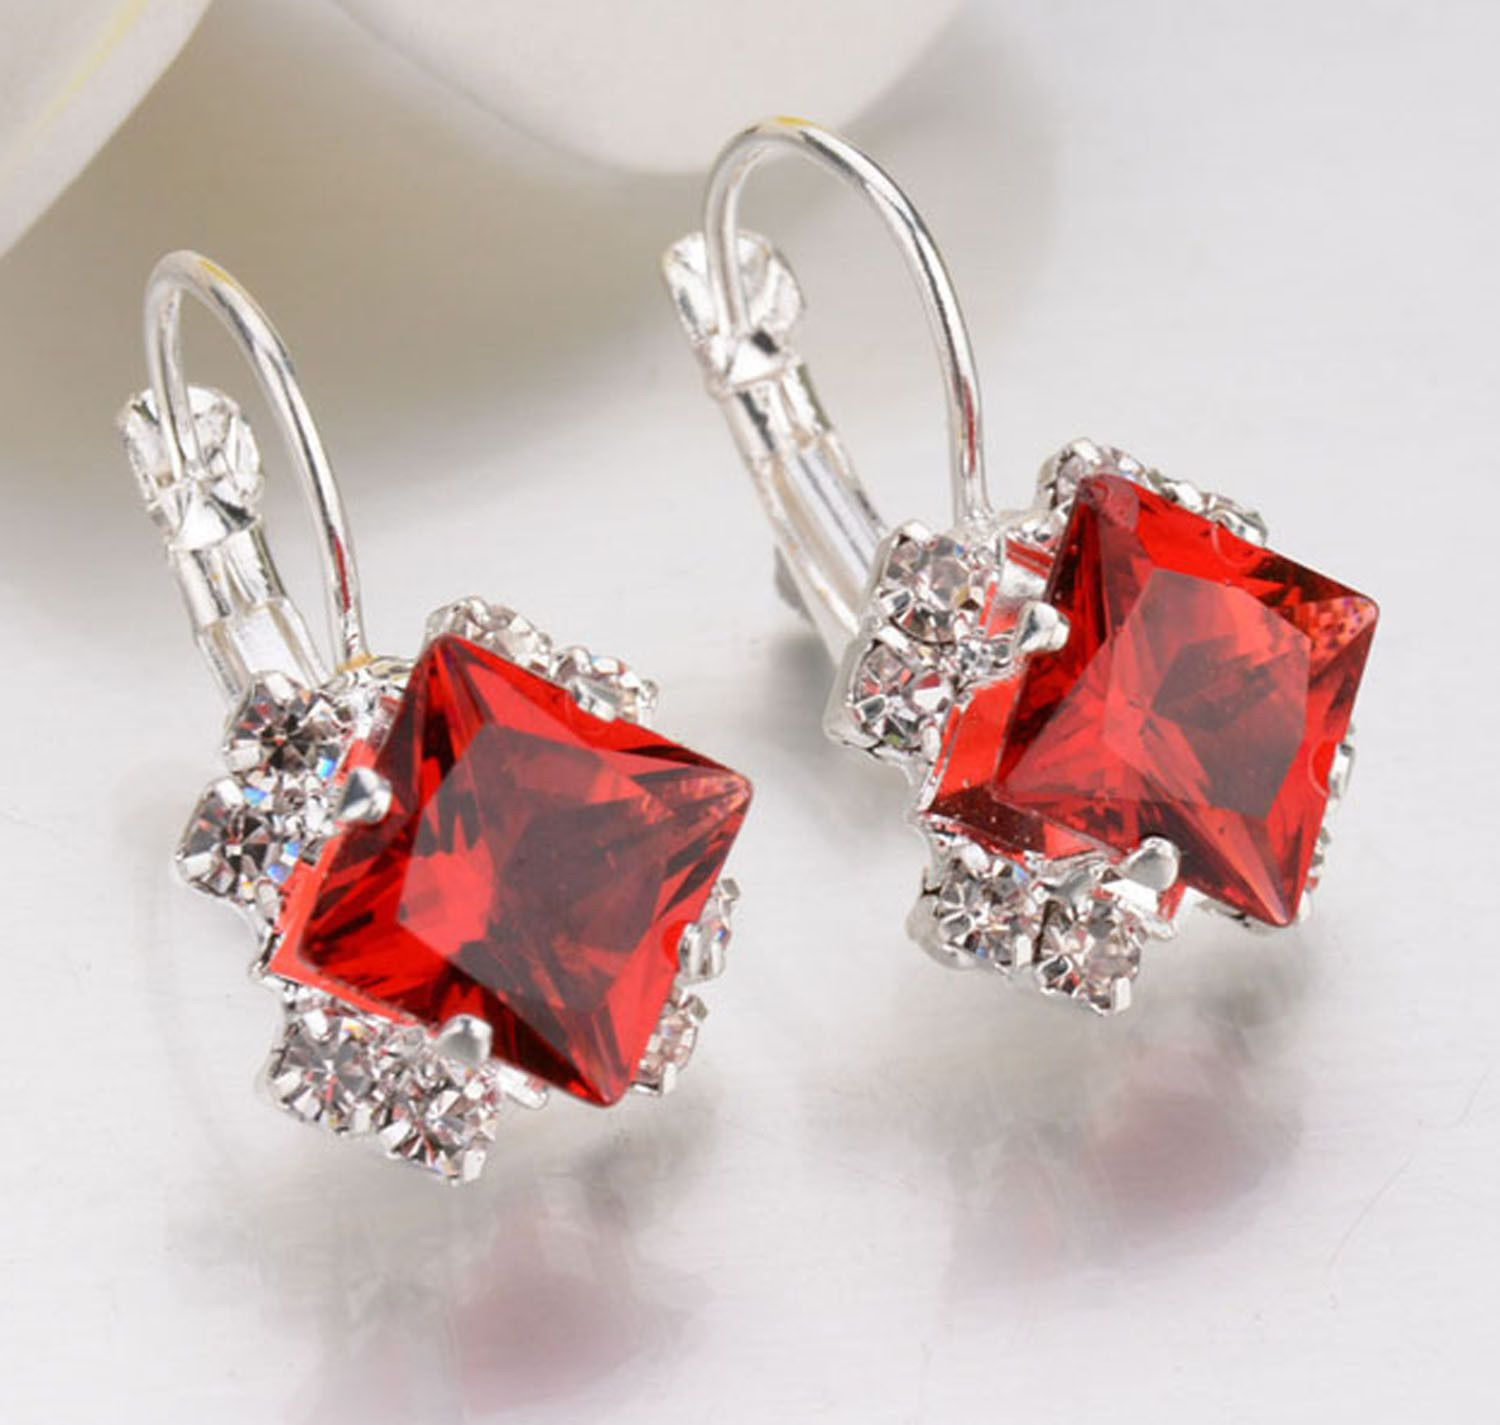 2018 New Arrival Elegant Women 925 Silver Crystal Rhinestone Ear Stud Earrings Jewelry